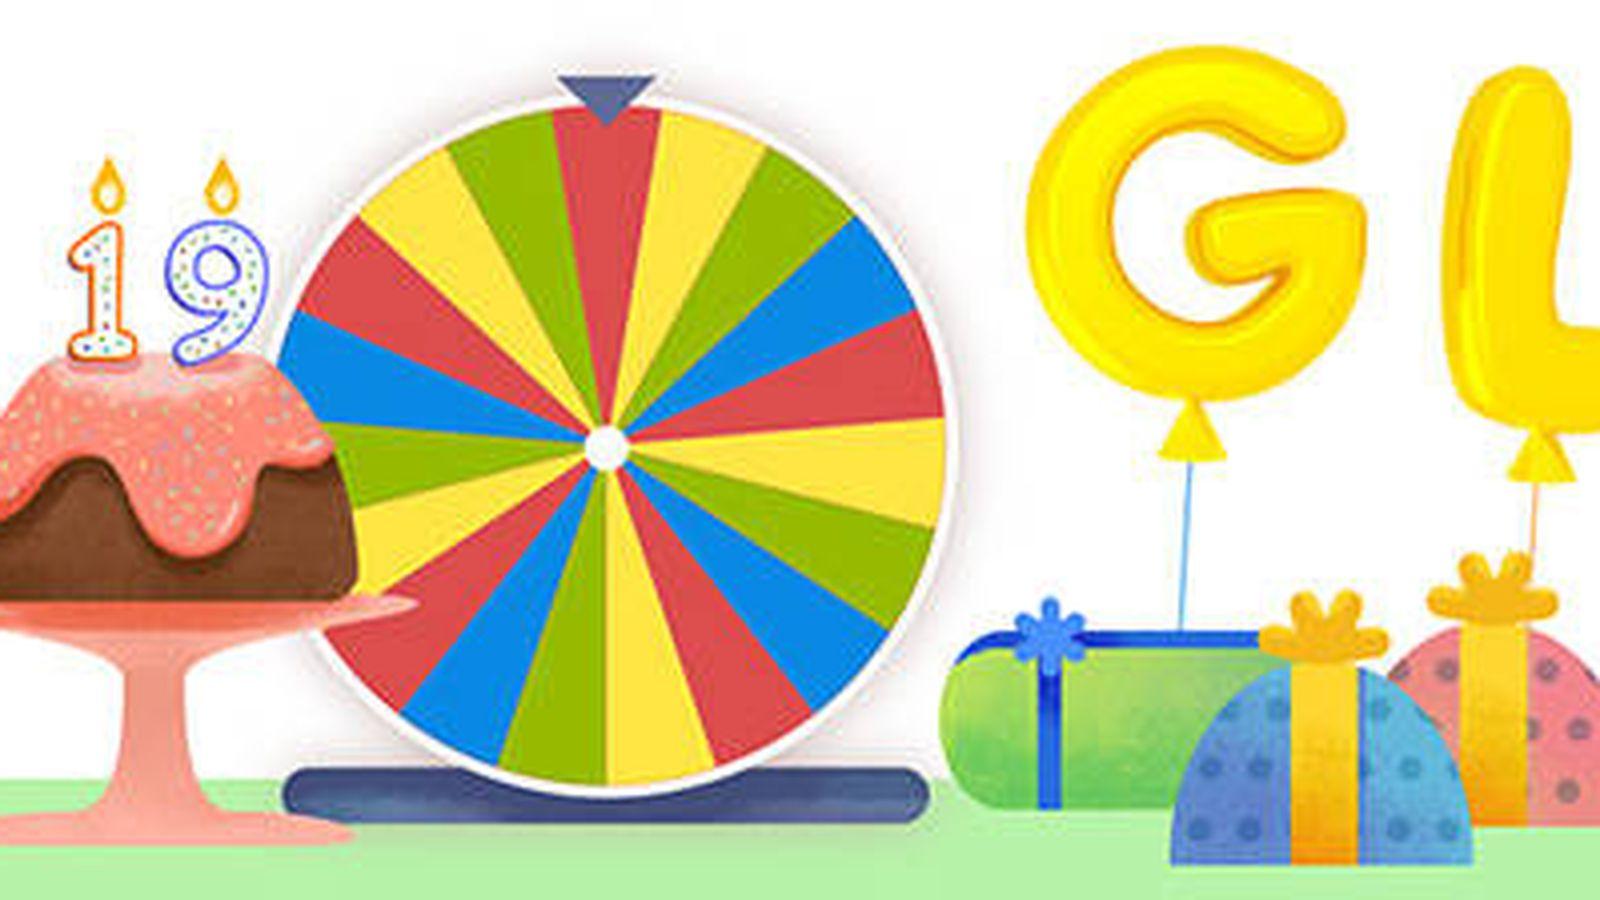 Doodle Ruleta De La Fortuna Del Cumpleanos De Google Estos Son Los